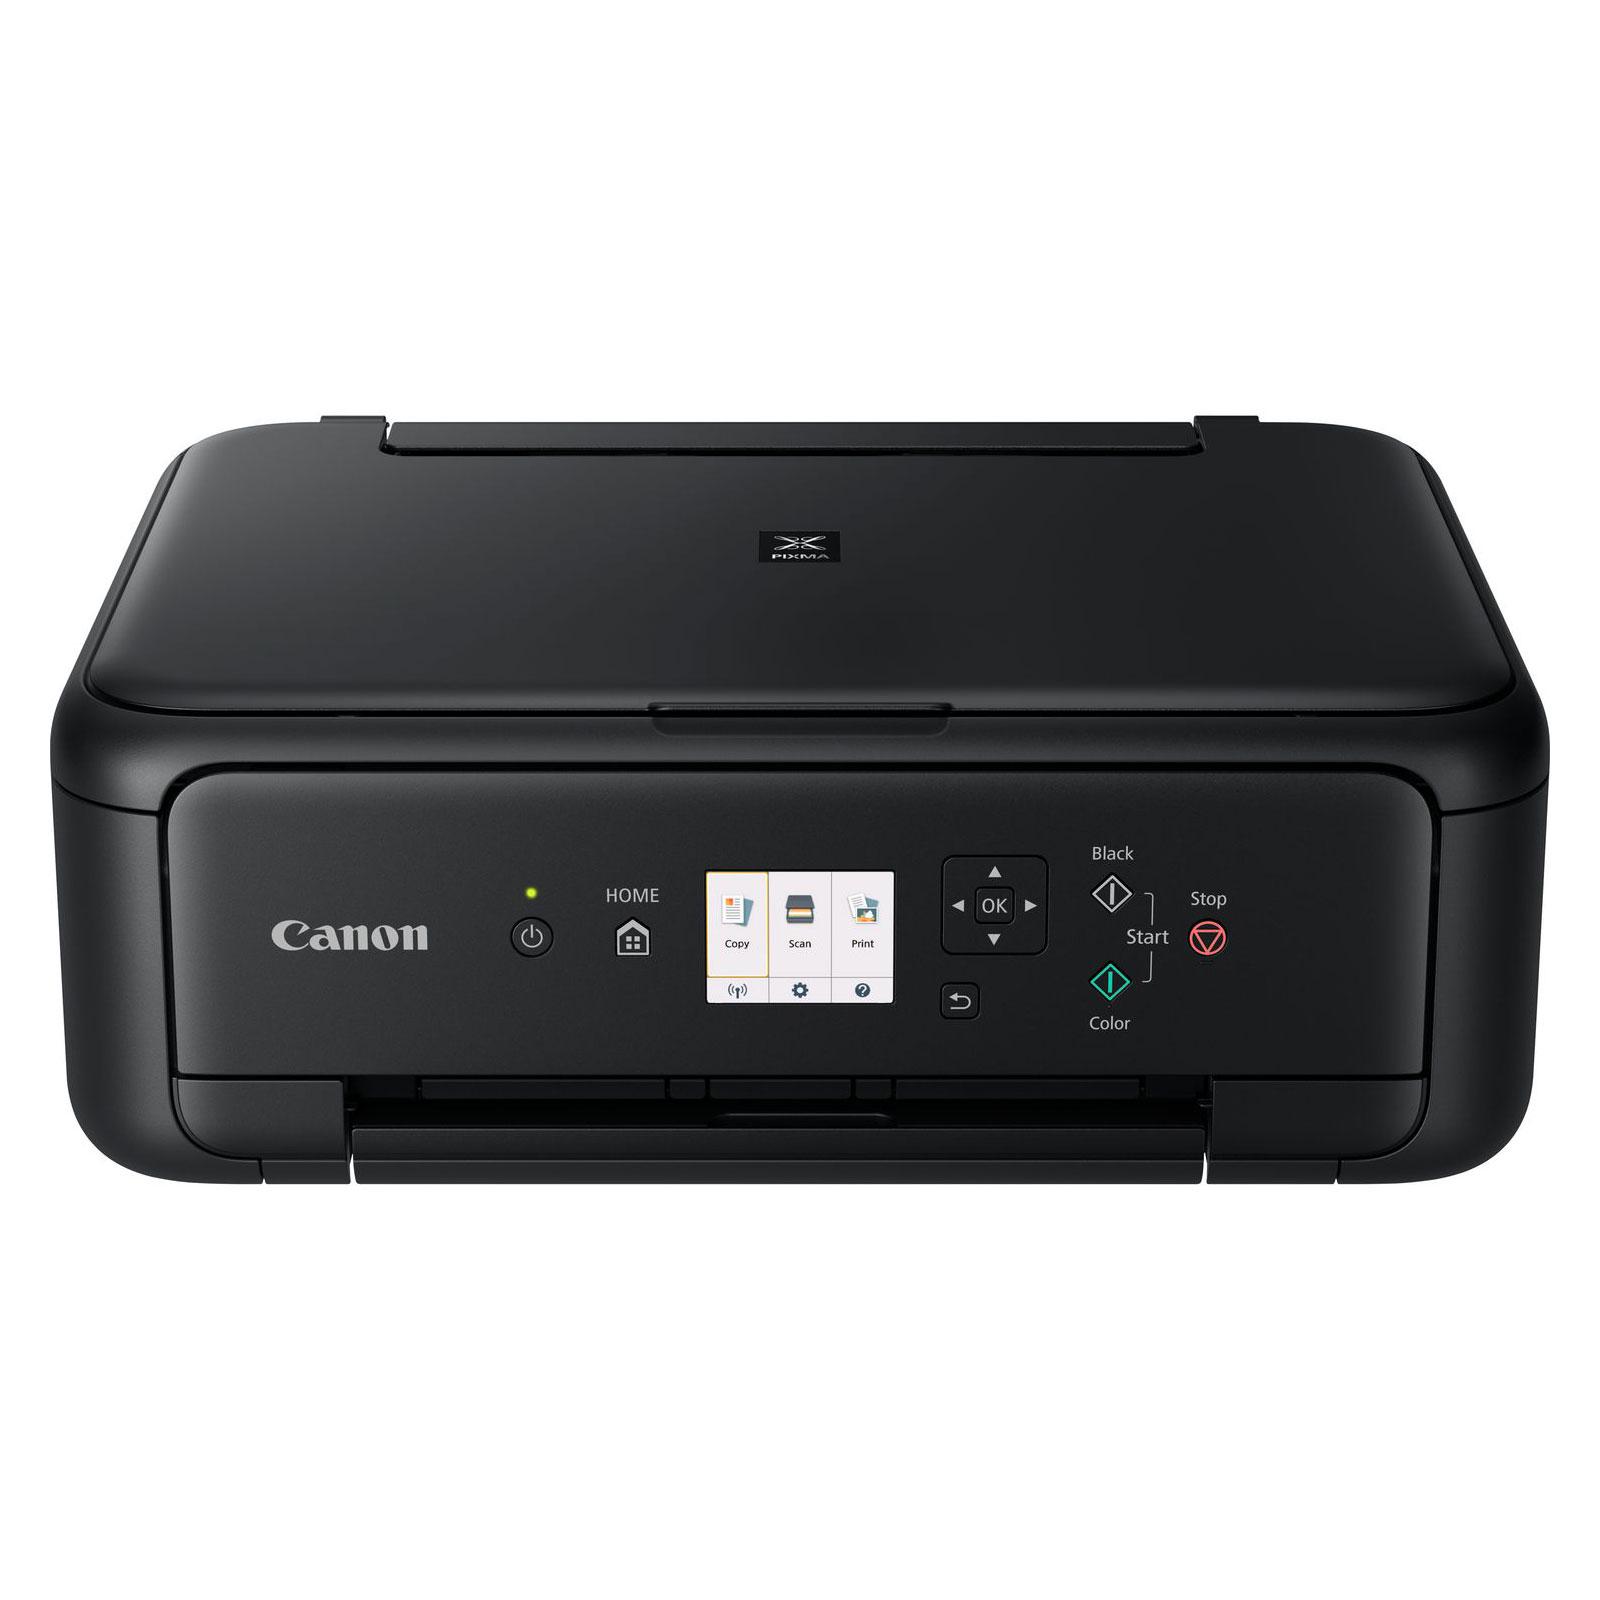 PIXMA TS5150 (2228C006) - Achat / Vente Imprimante multifonction sur Picata.fr - 0